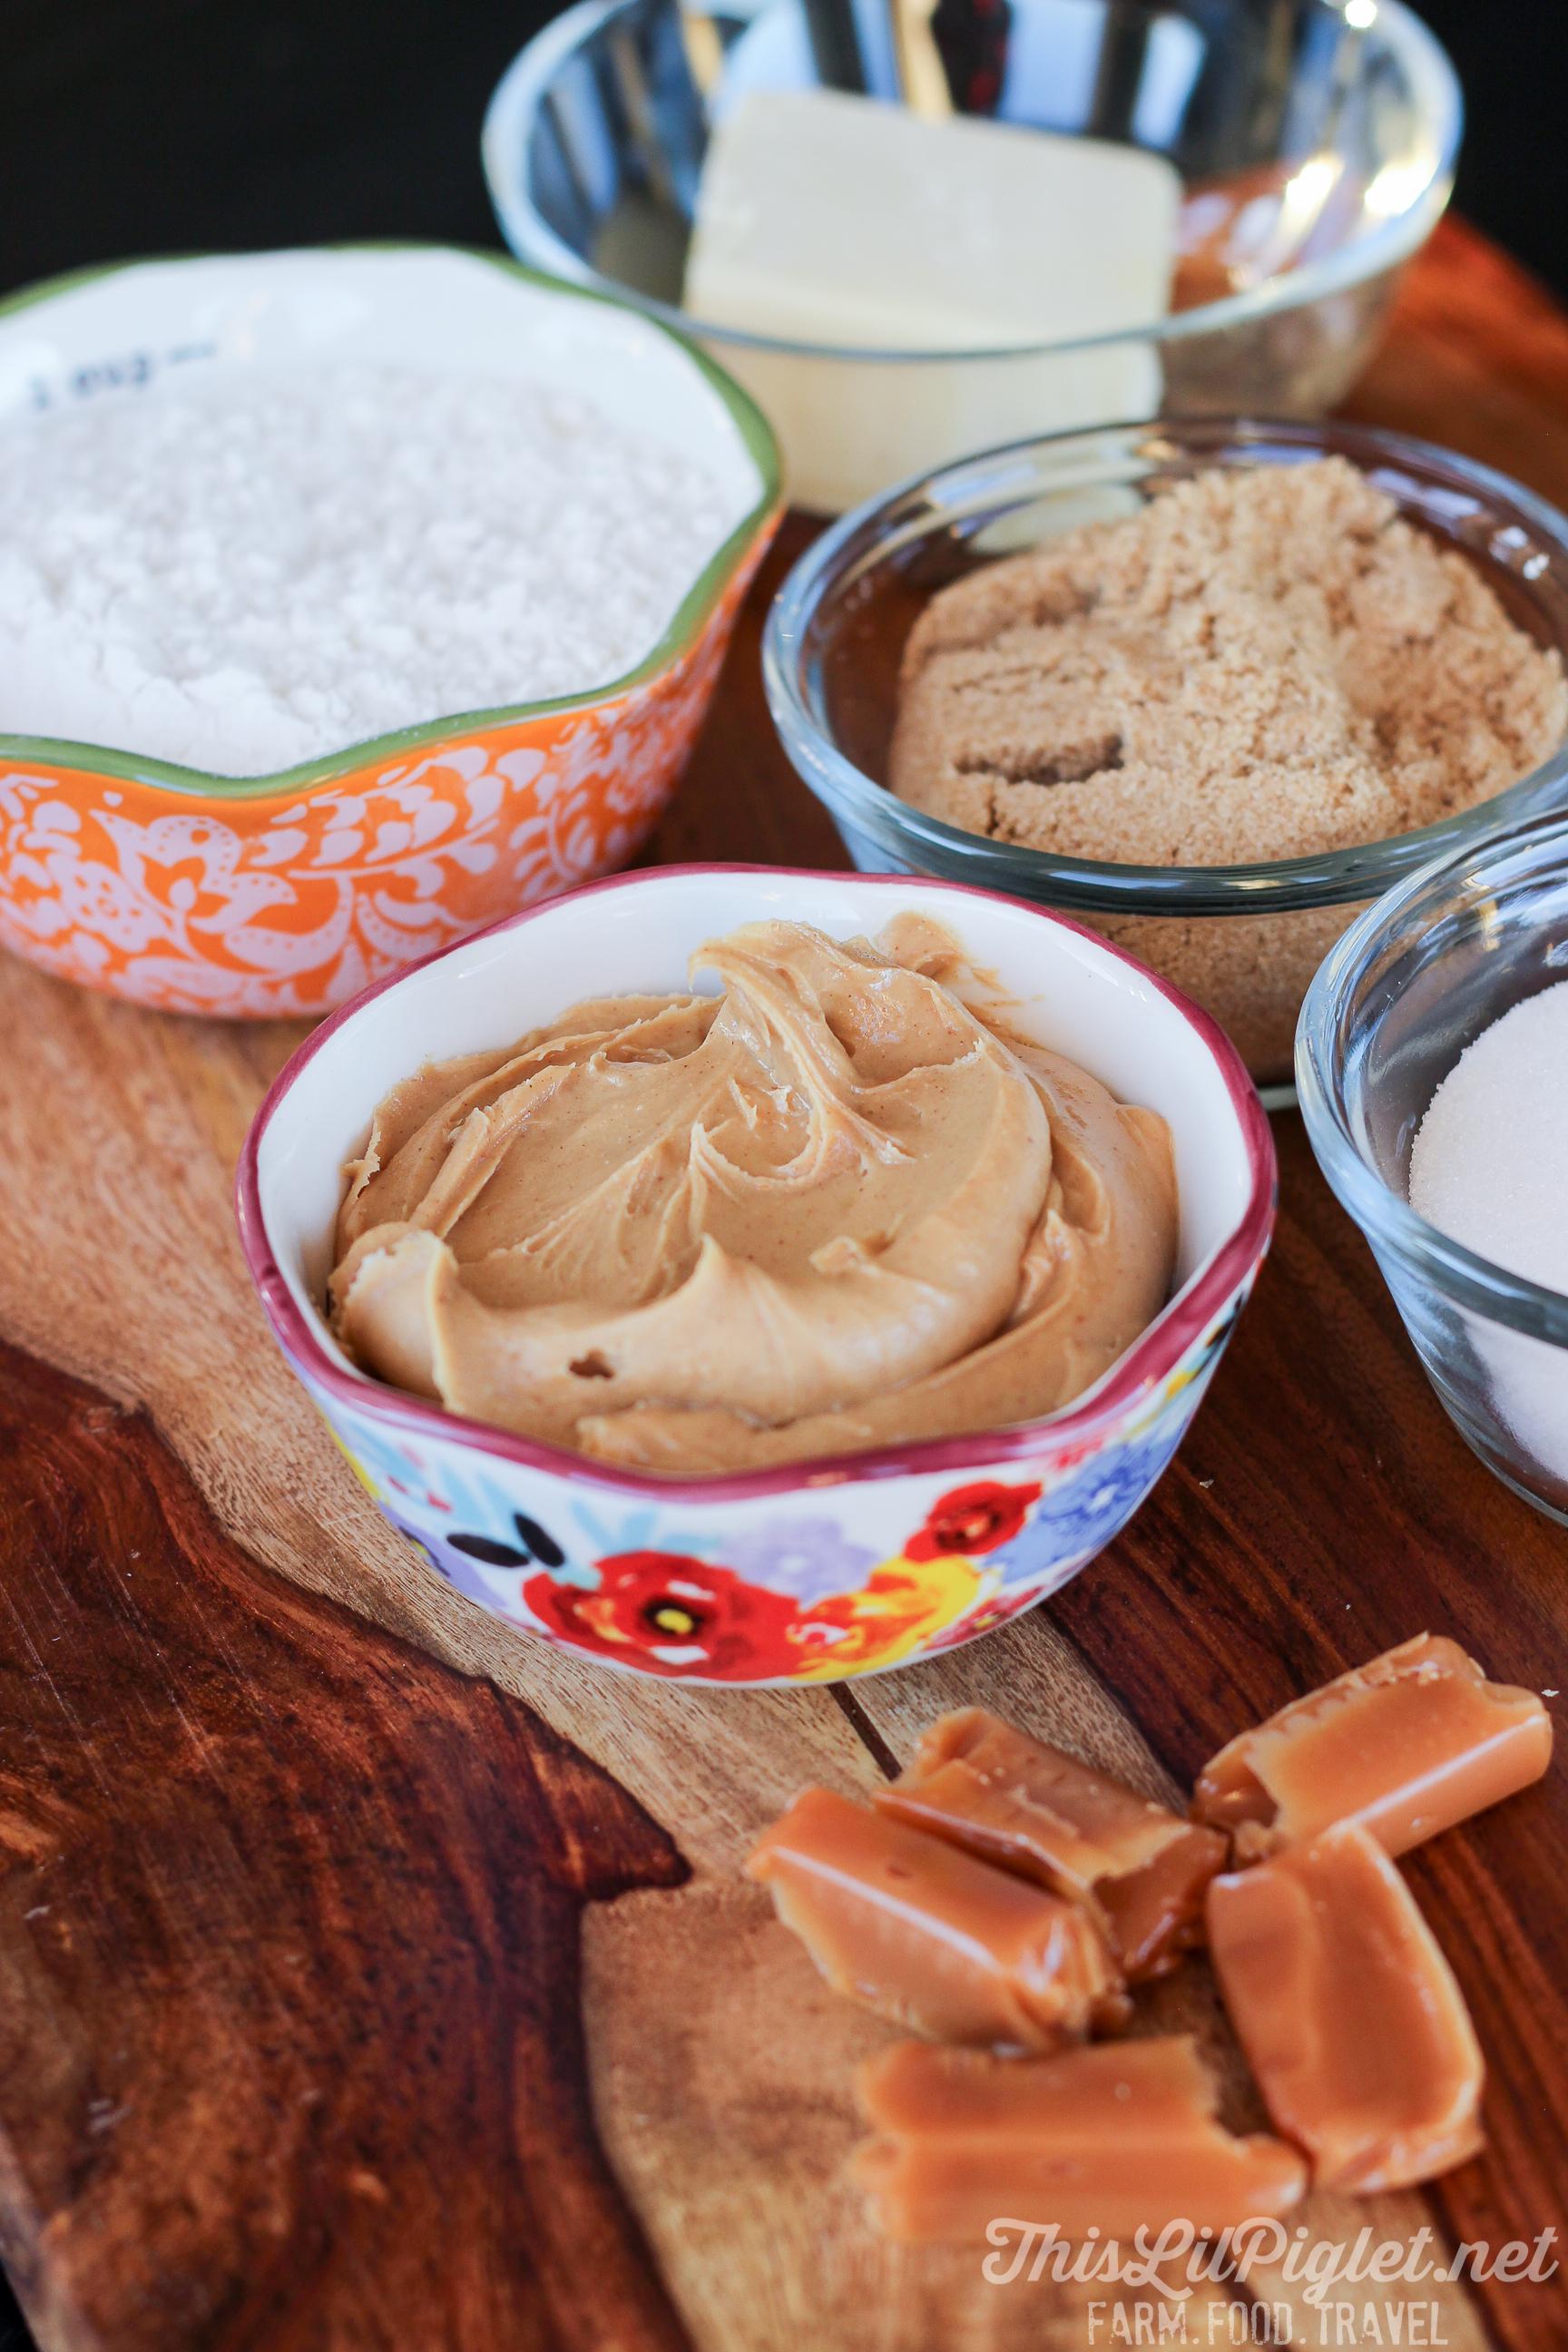 Peanut Butter Shortbread Toffee Bites Ingredients // thislilpiglet.net